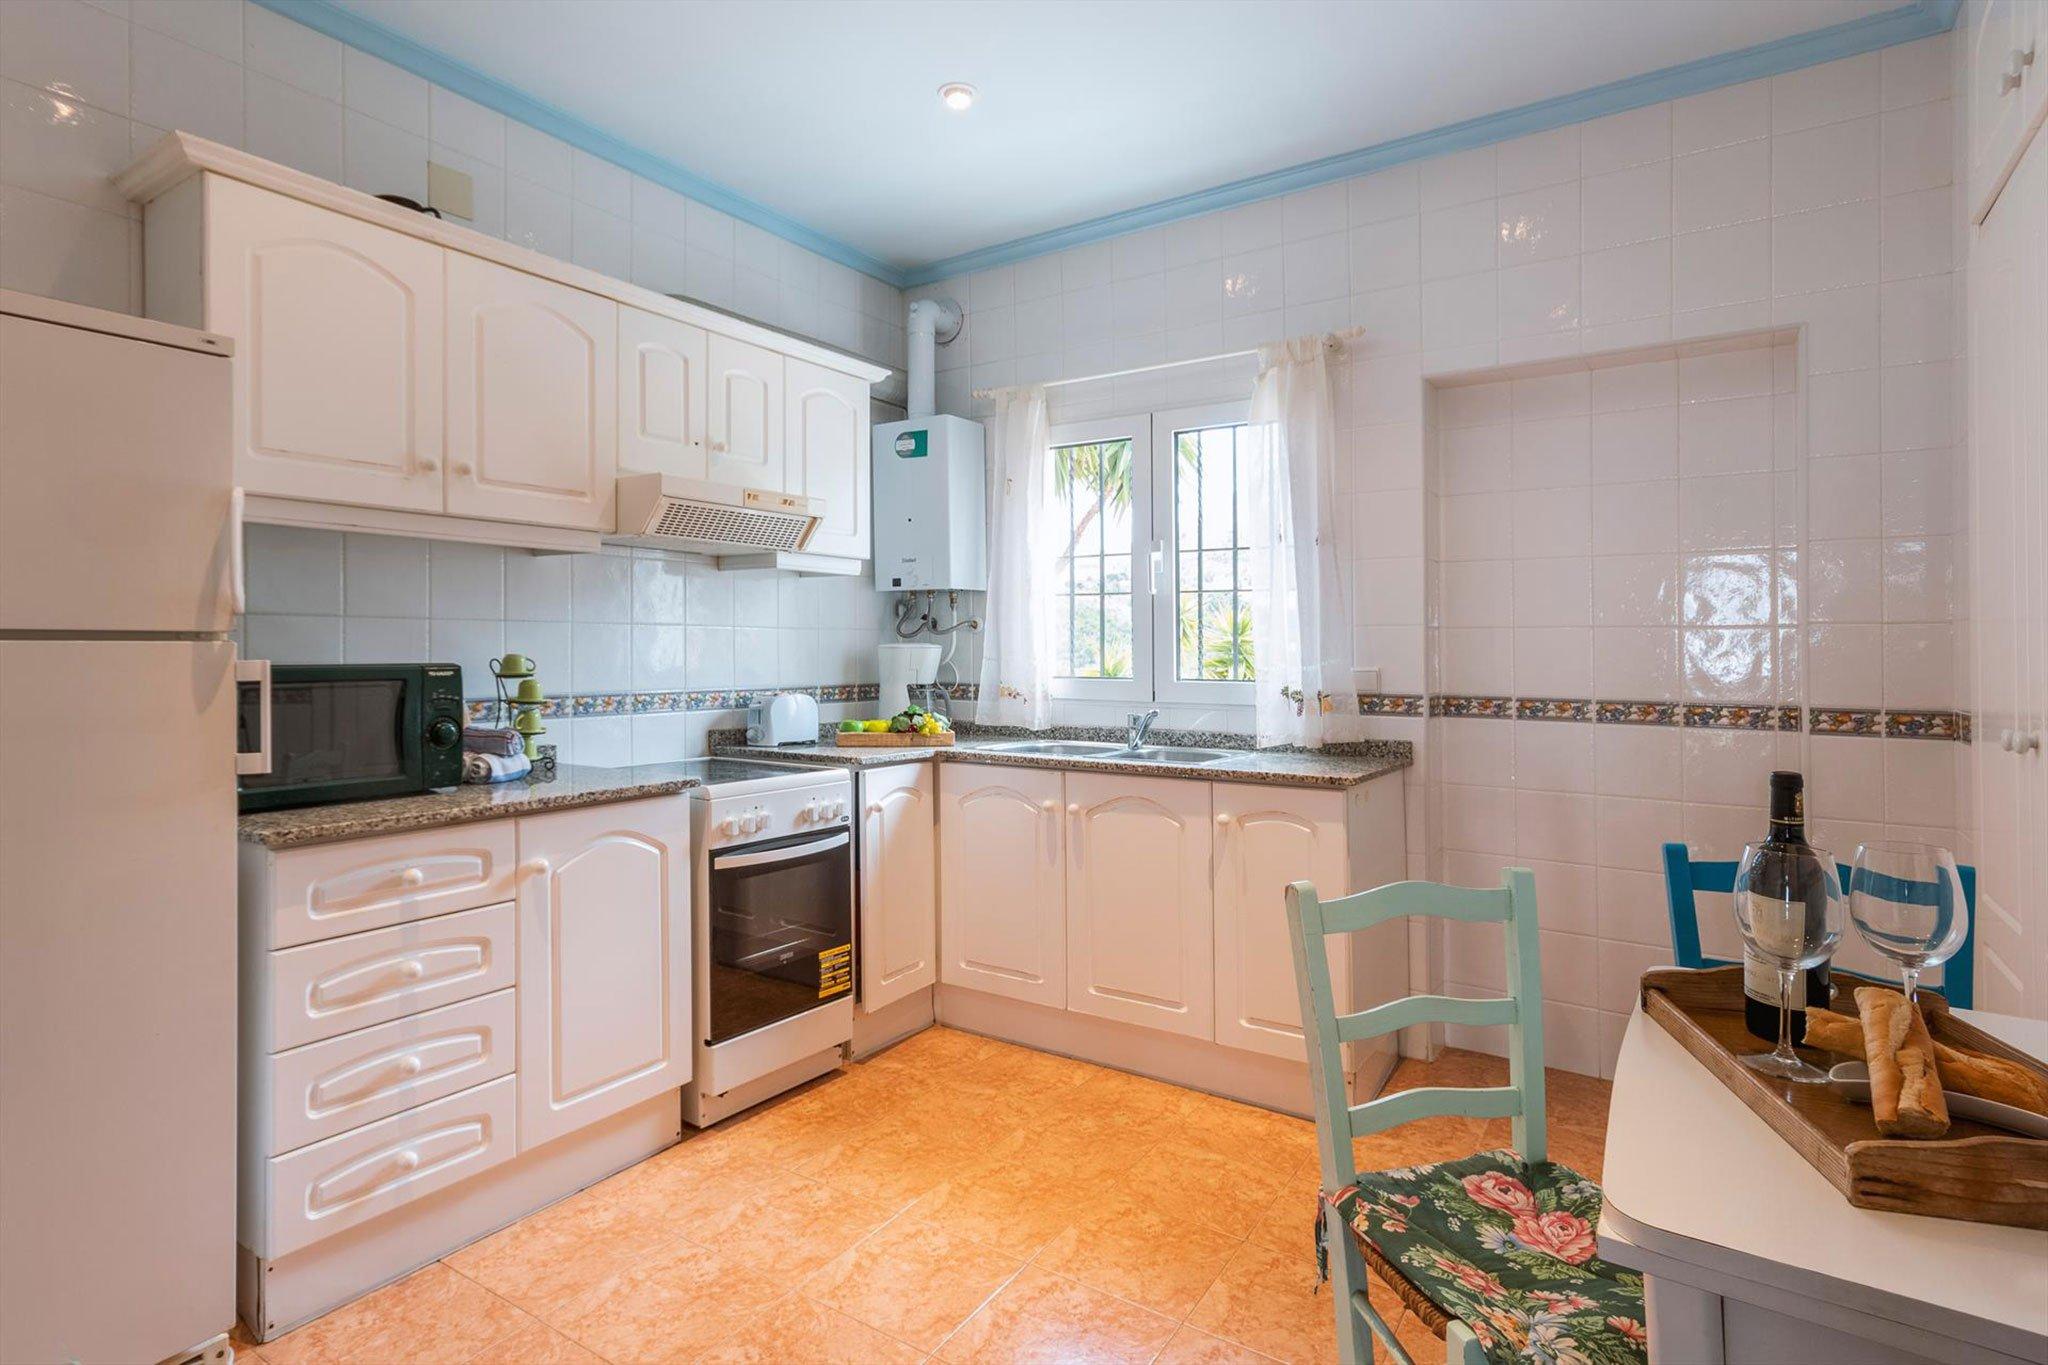 Cocina en una casa de vacaciones para ocho personas en Dénia – Aguila Rent a Villa